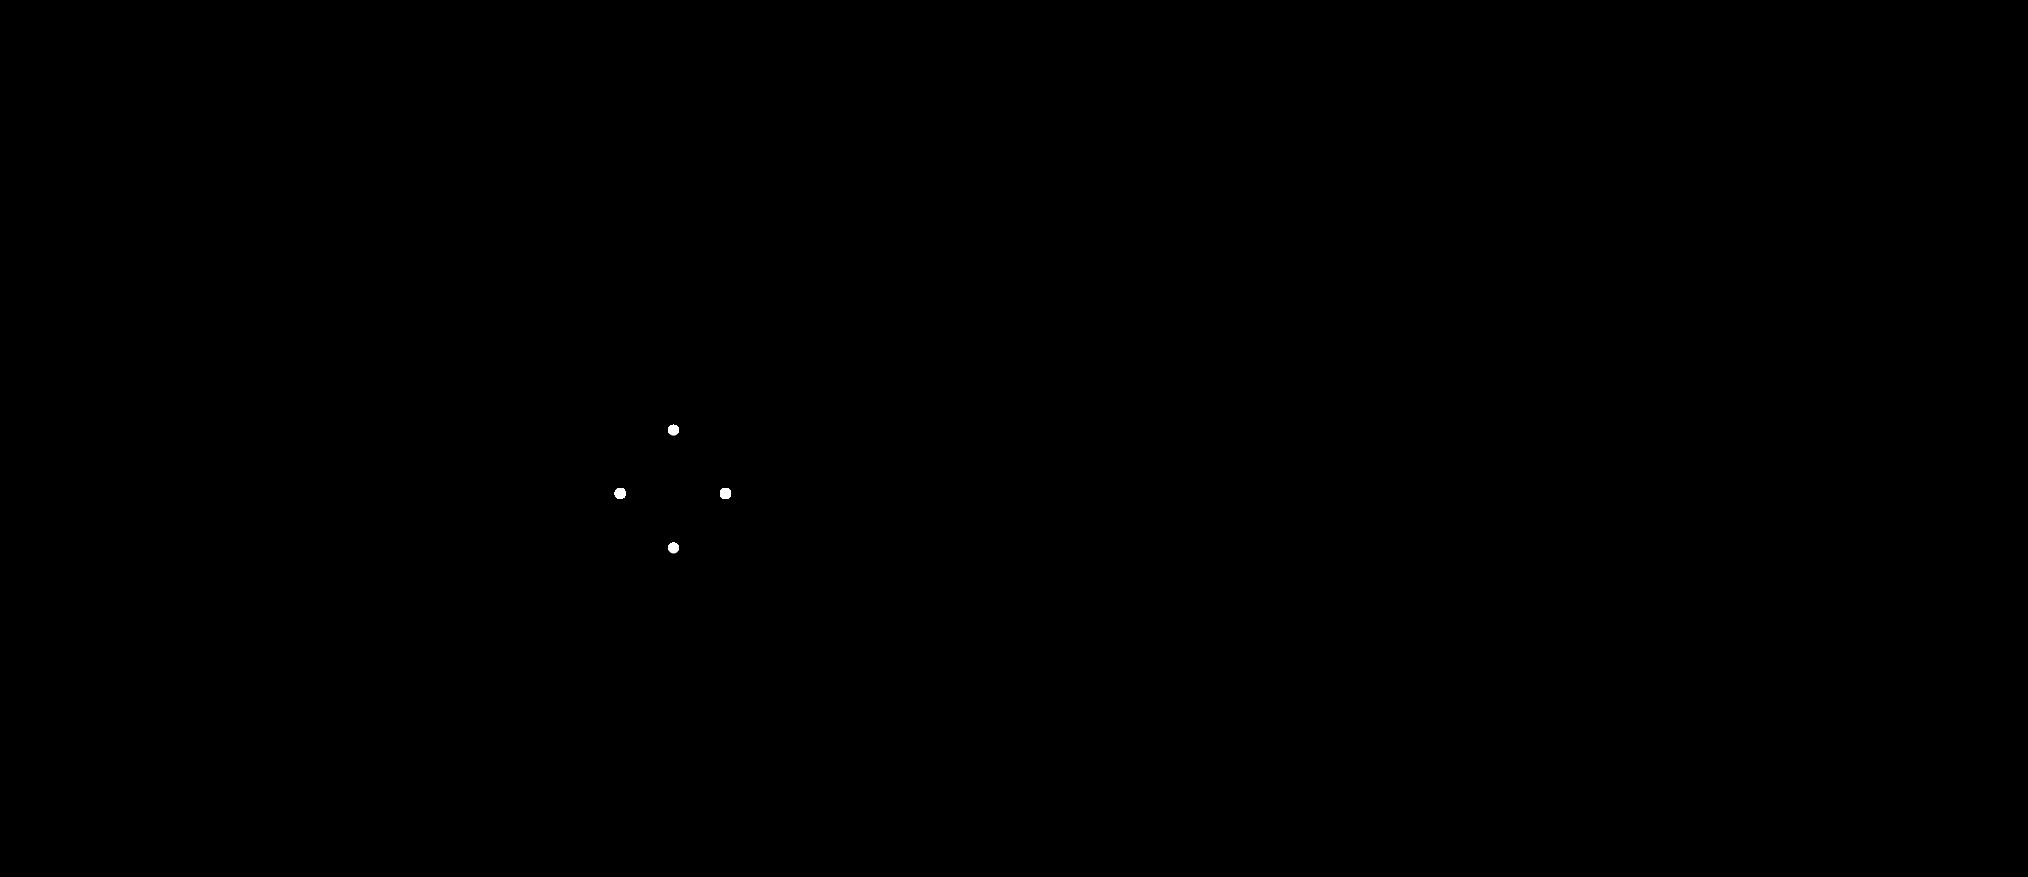 Figure 19.   Skeletal structures of hexane and benzene.